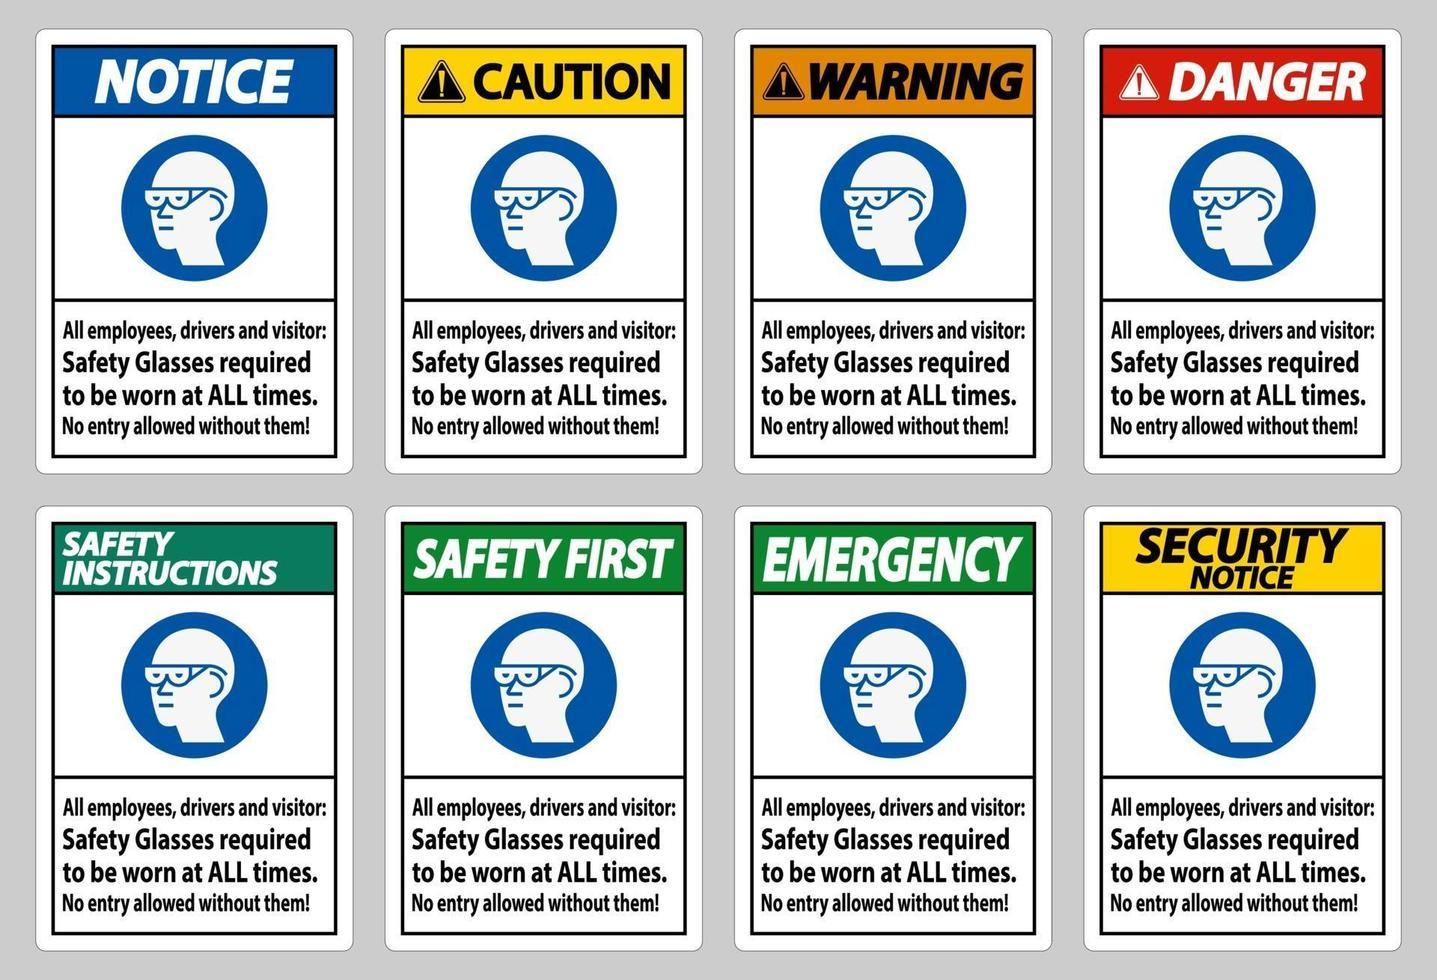 tutti i dipendenti, conducenti e visitatori, occhiali di sicurezza che devono essere sempre indossati vettore